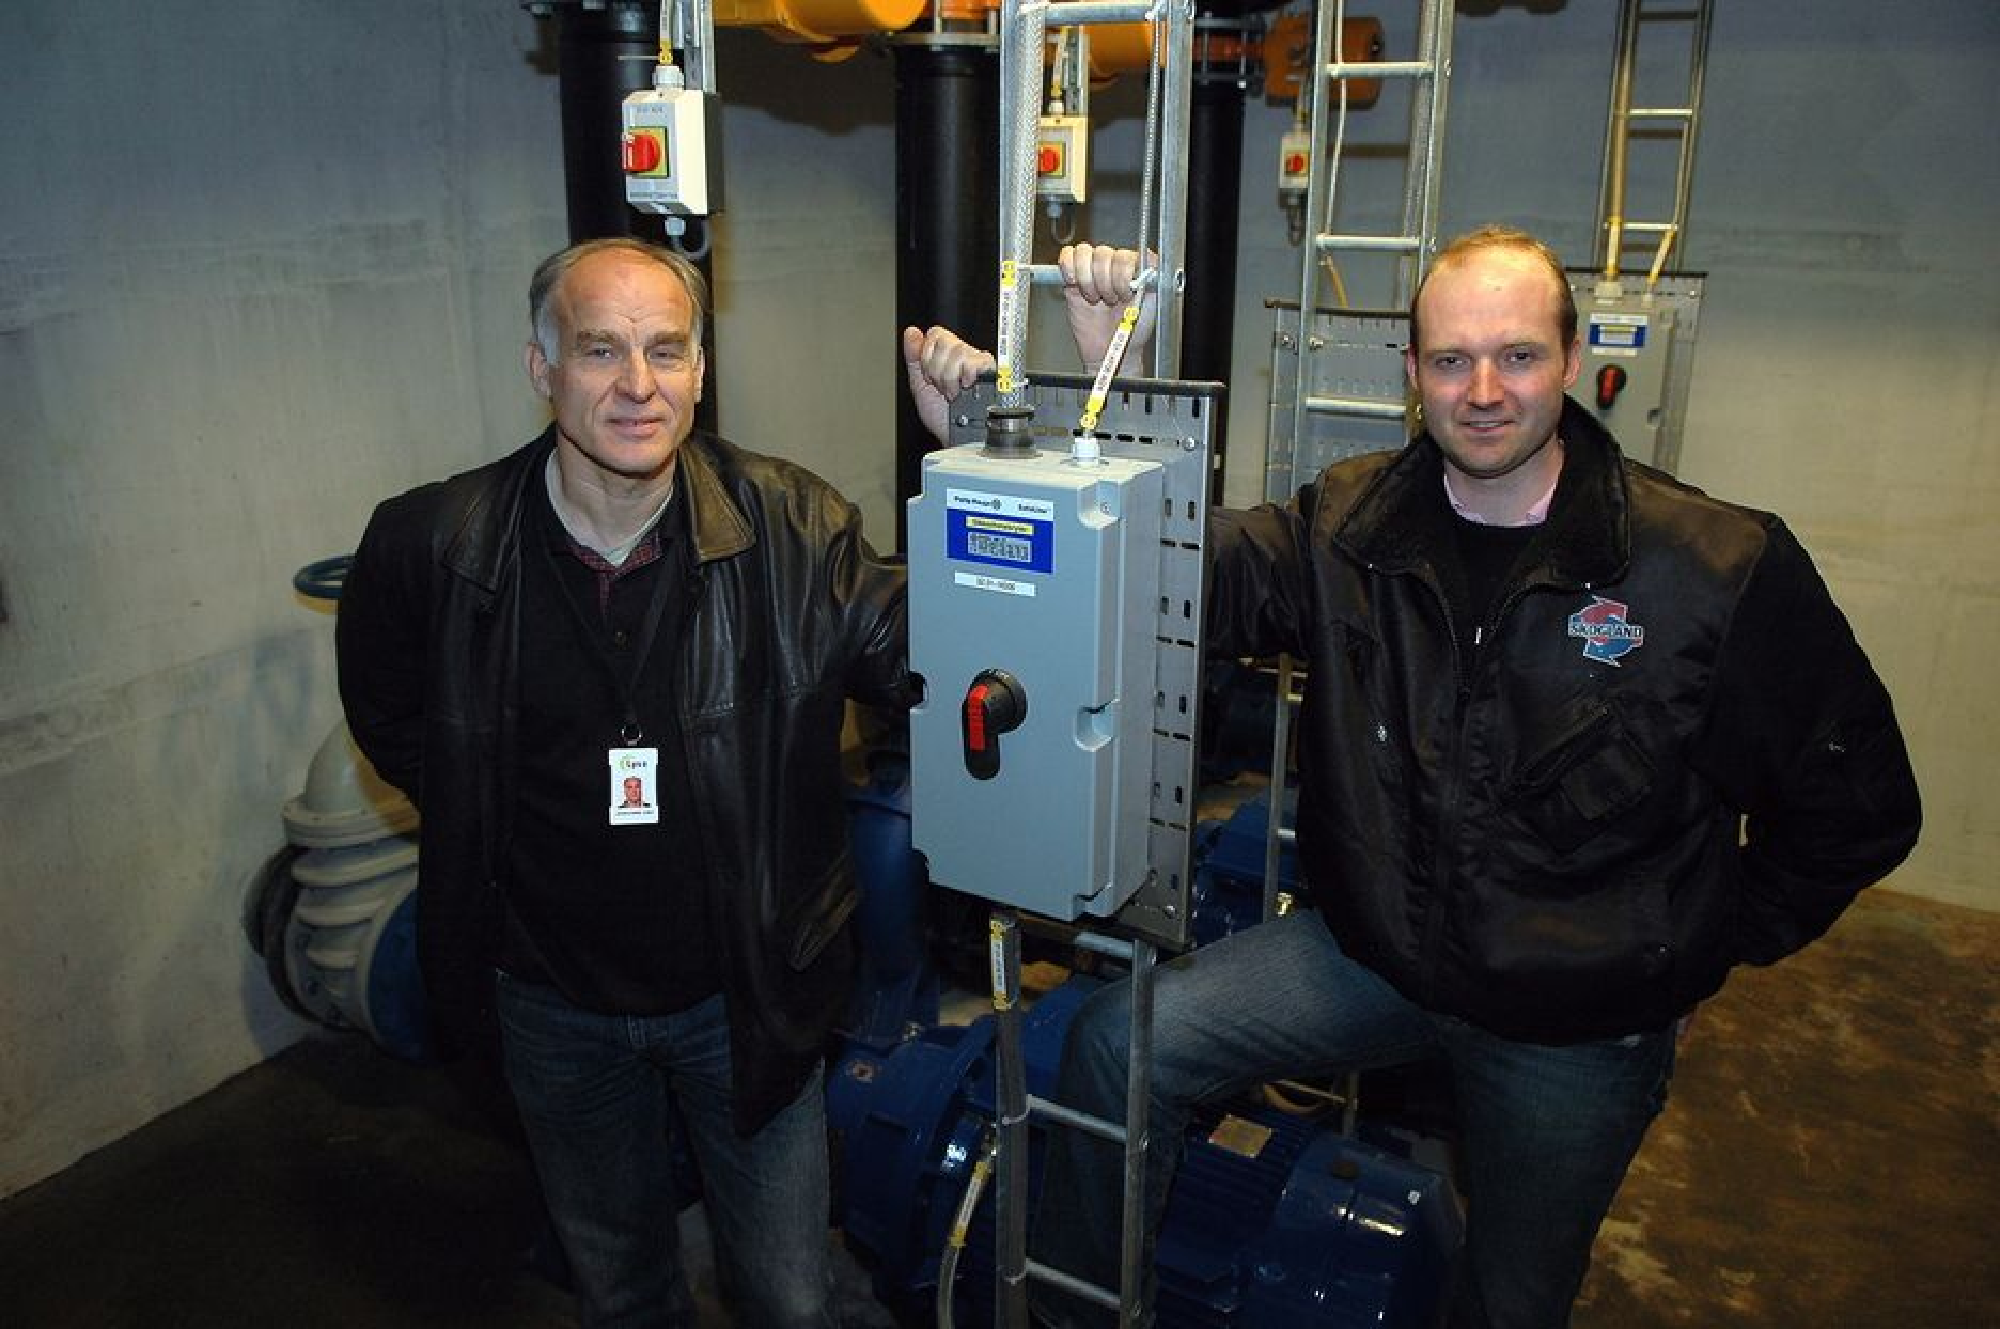 UTEN KJØLEMAKSKINERI:  Johan Gjemre Olsen og Arild Skar har bygget landets mest effektive kjøleanlegg. De leverer 7,5 MW kulde og forbruker selv 250 kW. ¿ Dette er fremtidens løsning for komfortkjøling, sier de.